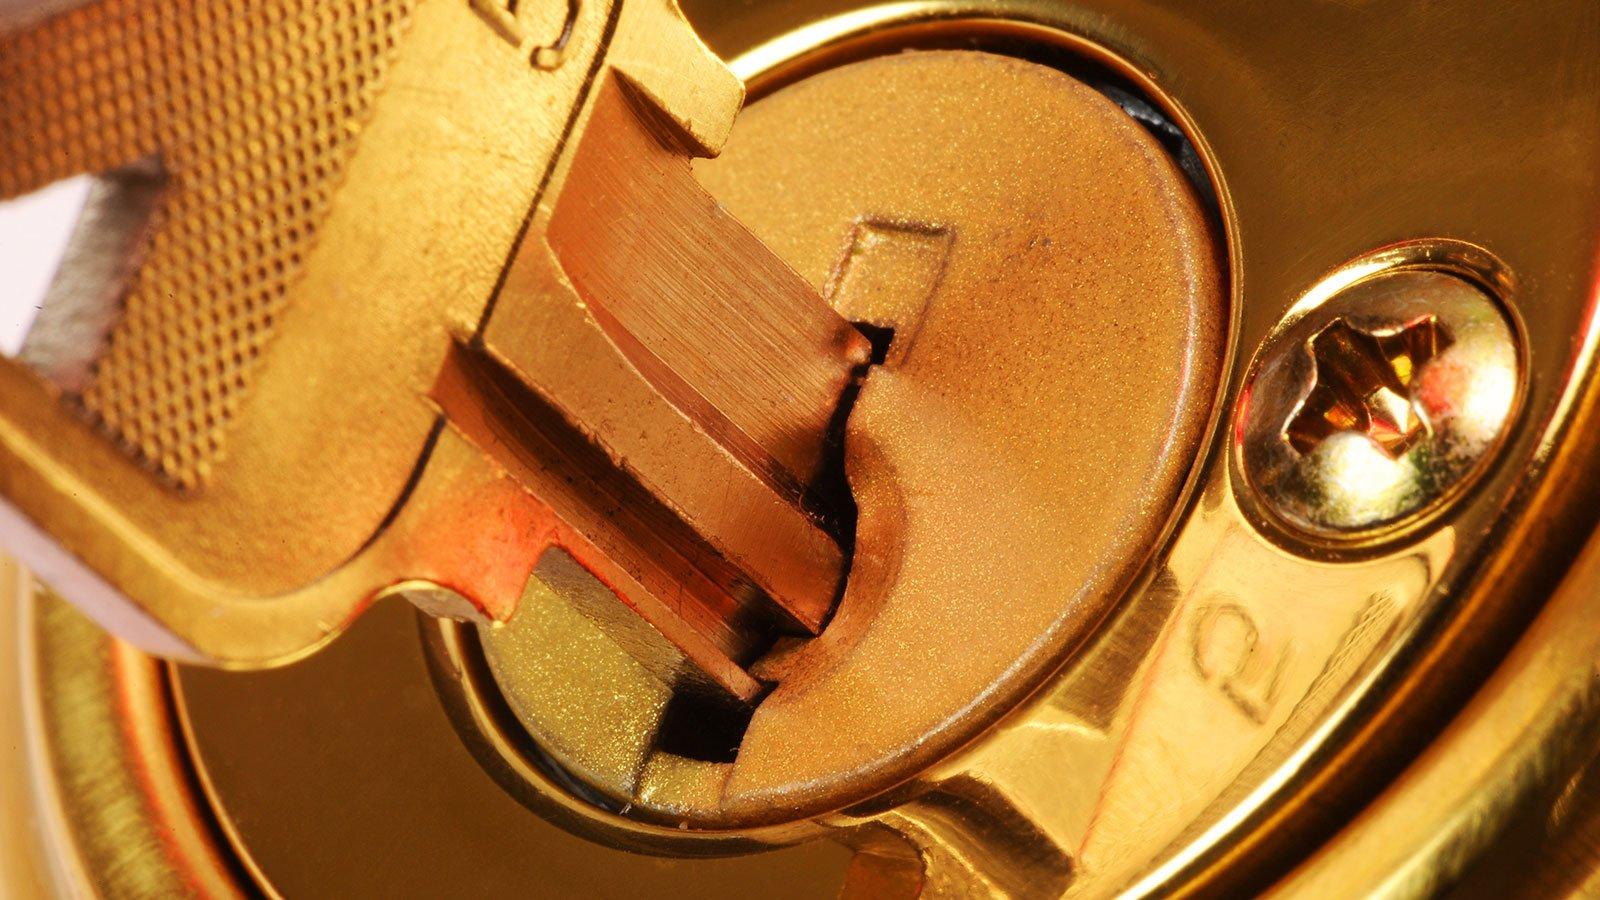 chiave in un buco della serratura